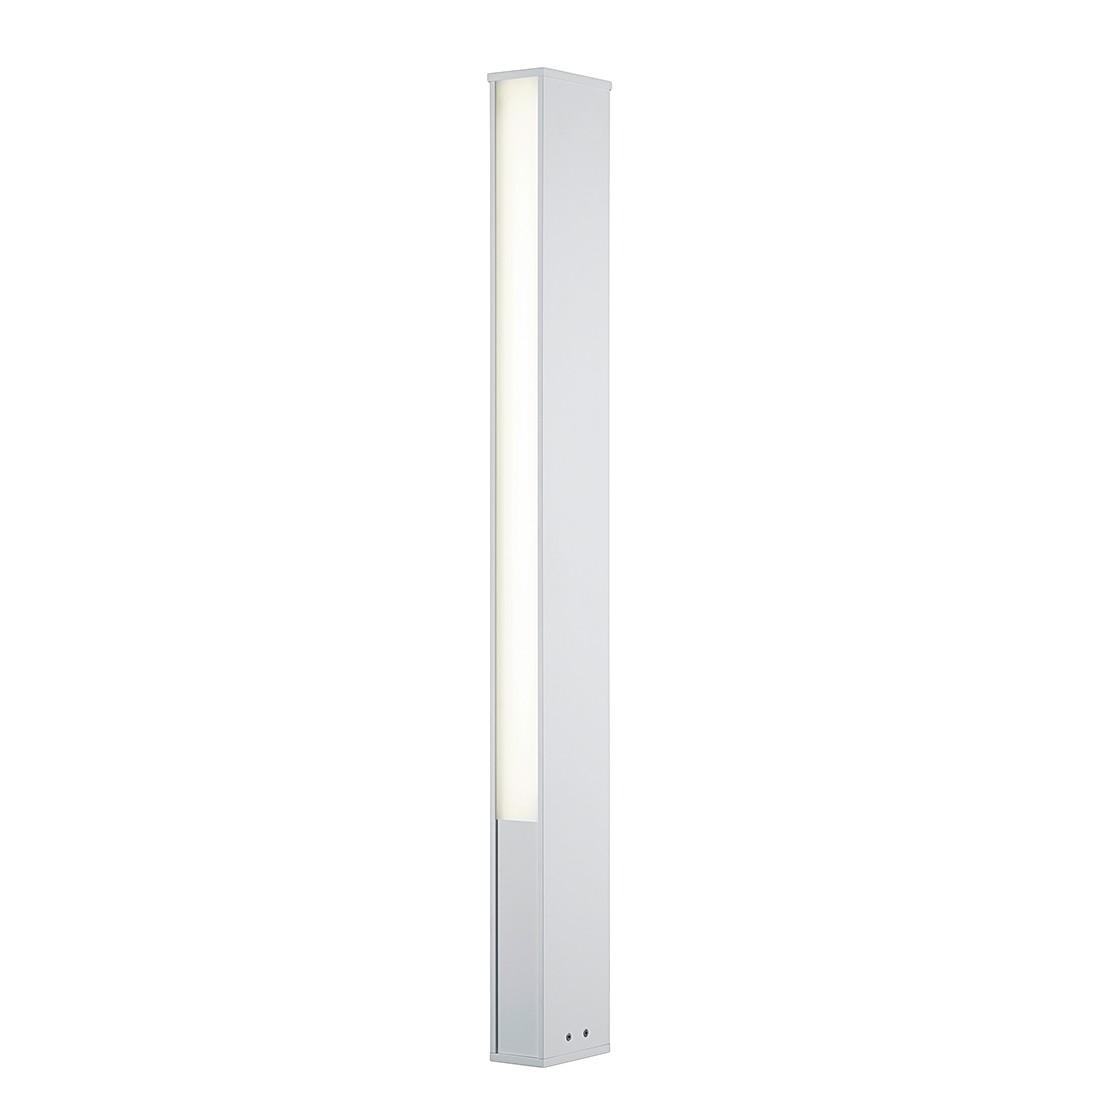 energie  A+, Buitenlamp TENDO LED - metaal/wit kunststof, Helestra